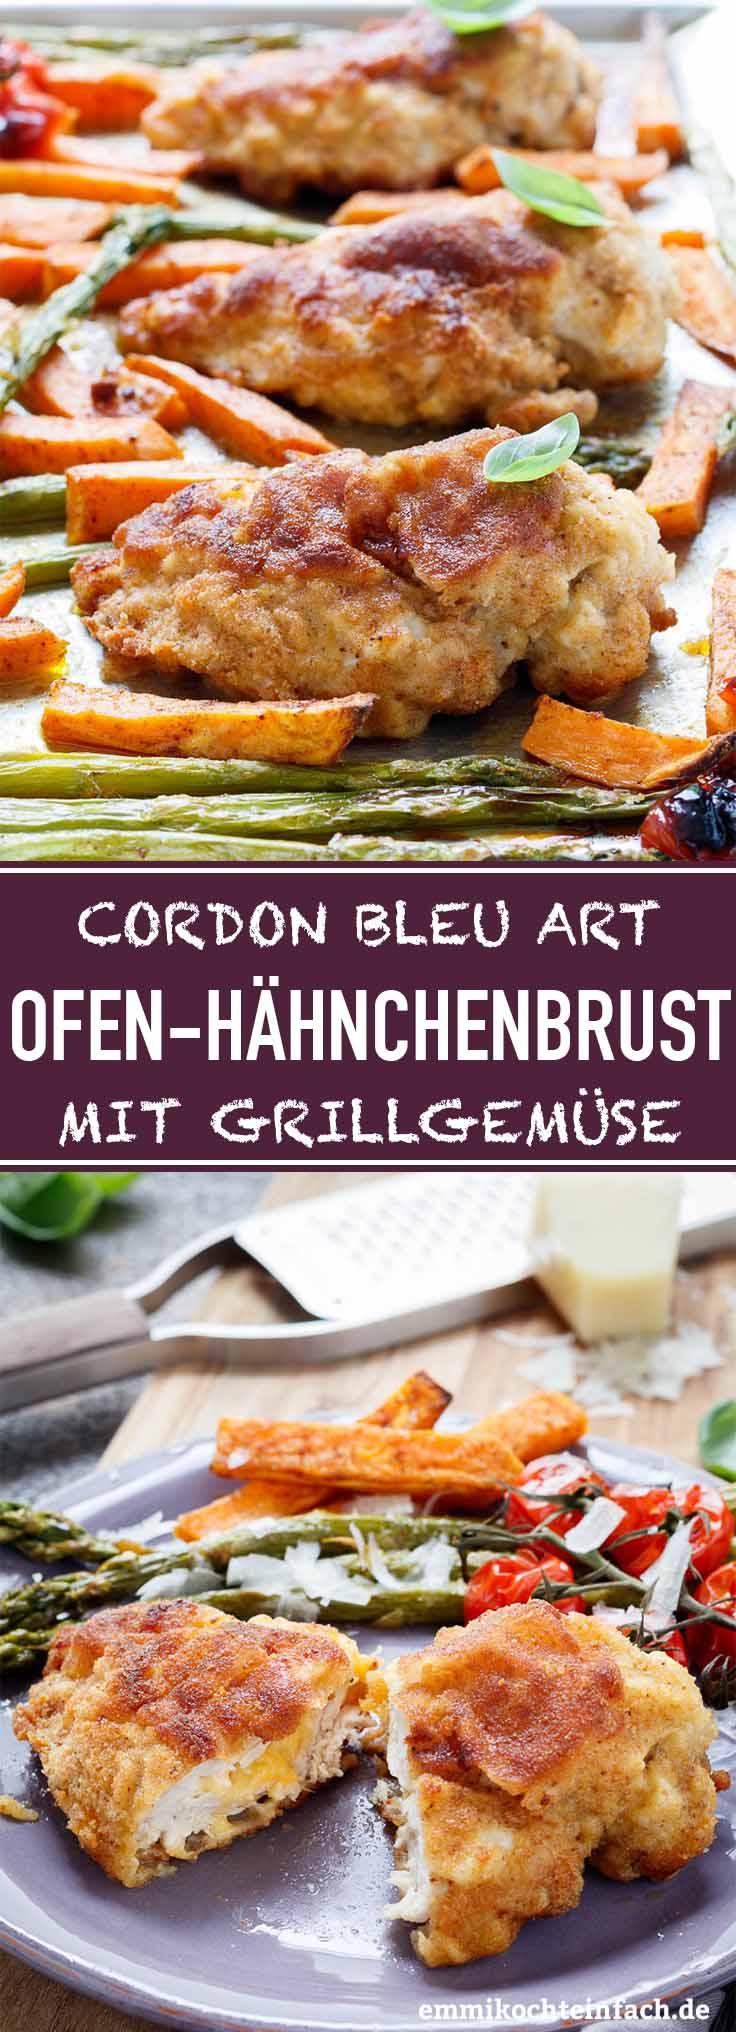 Hähnchenbrust-Cordon bleu Art mit Grillgemüse - www.emmikochteinfach.de